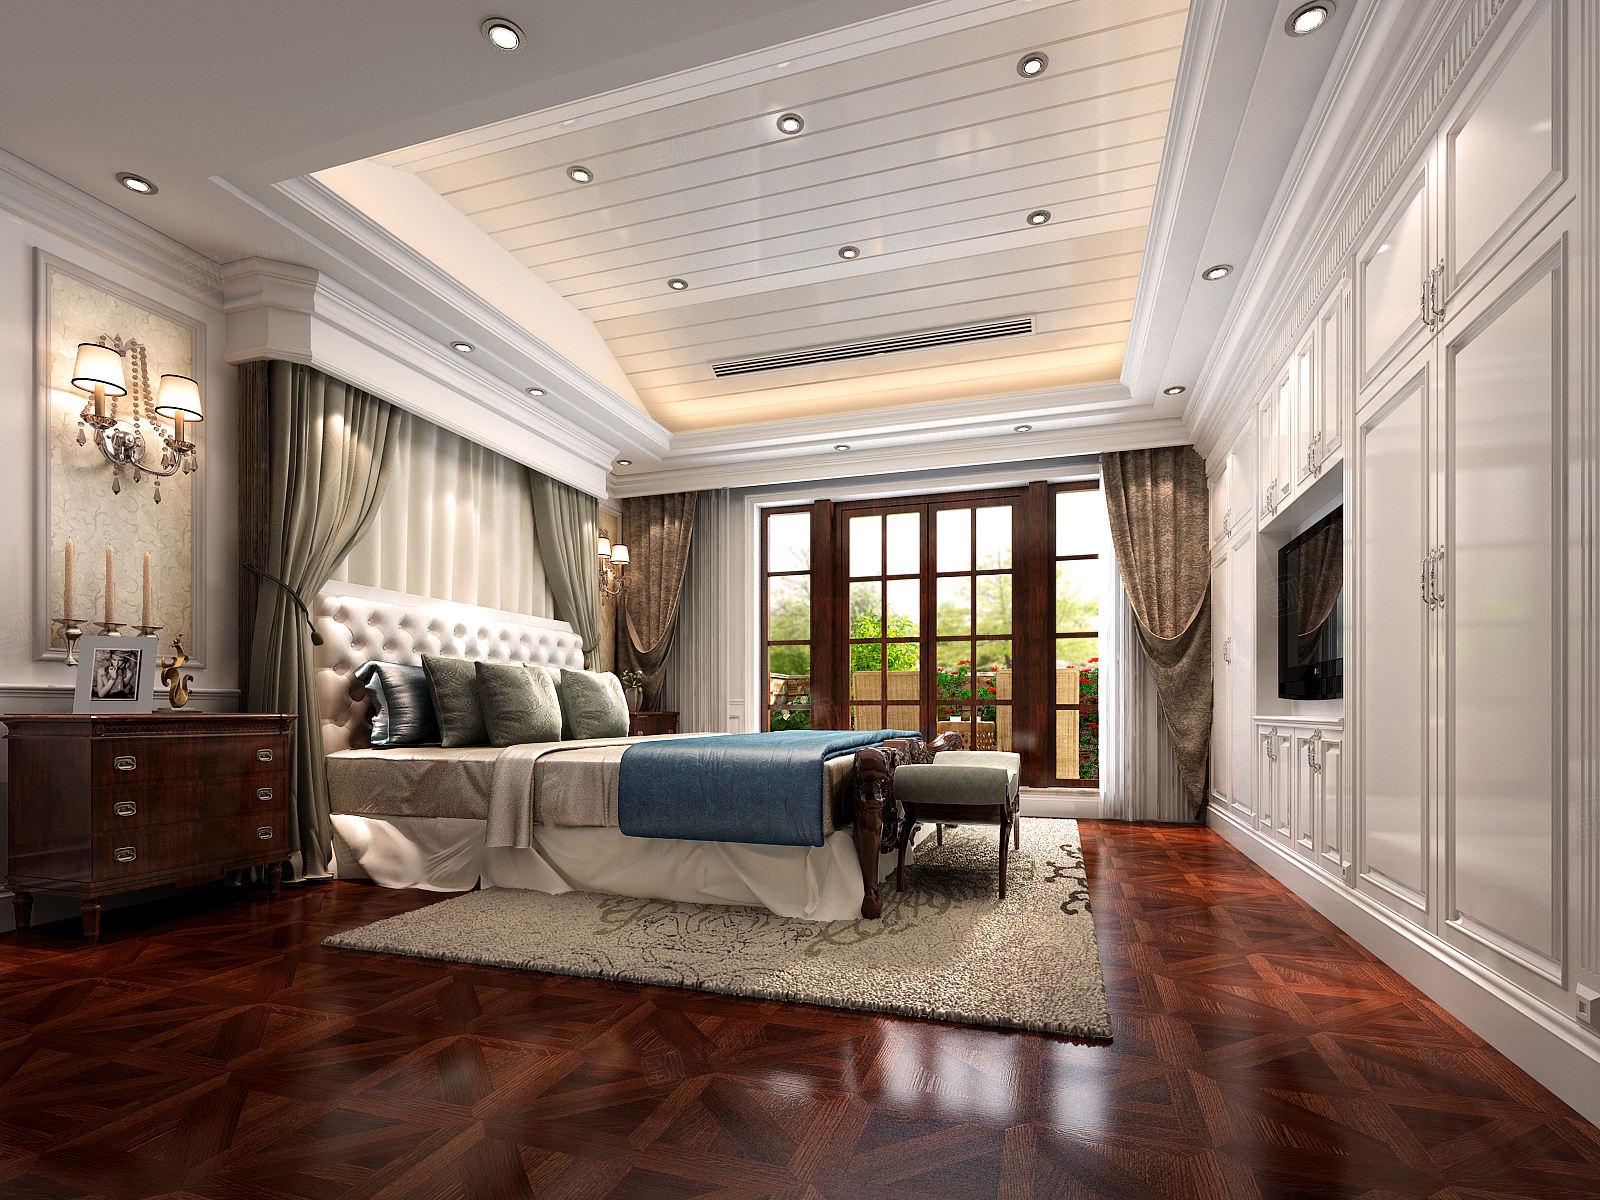 苏州国宾一号 美式装修卧室效果图